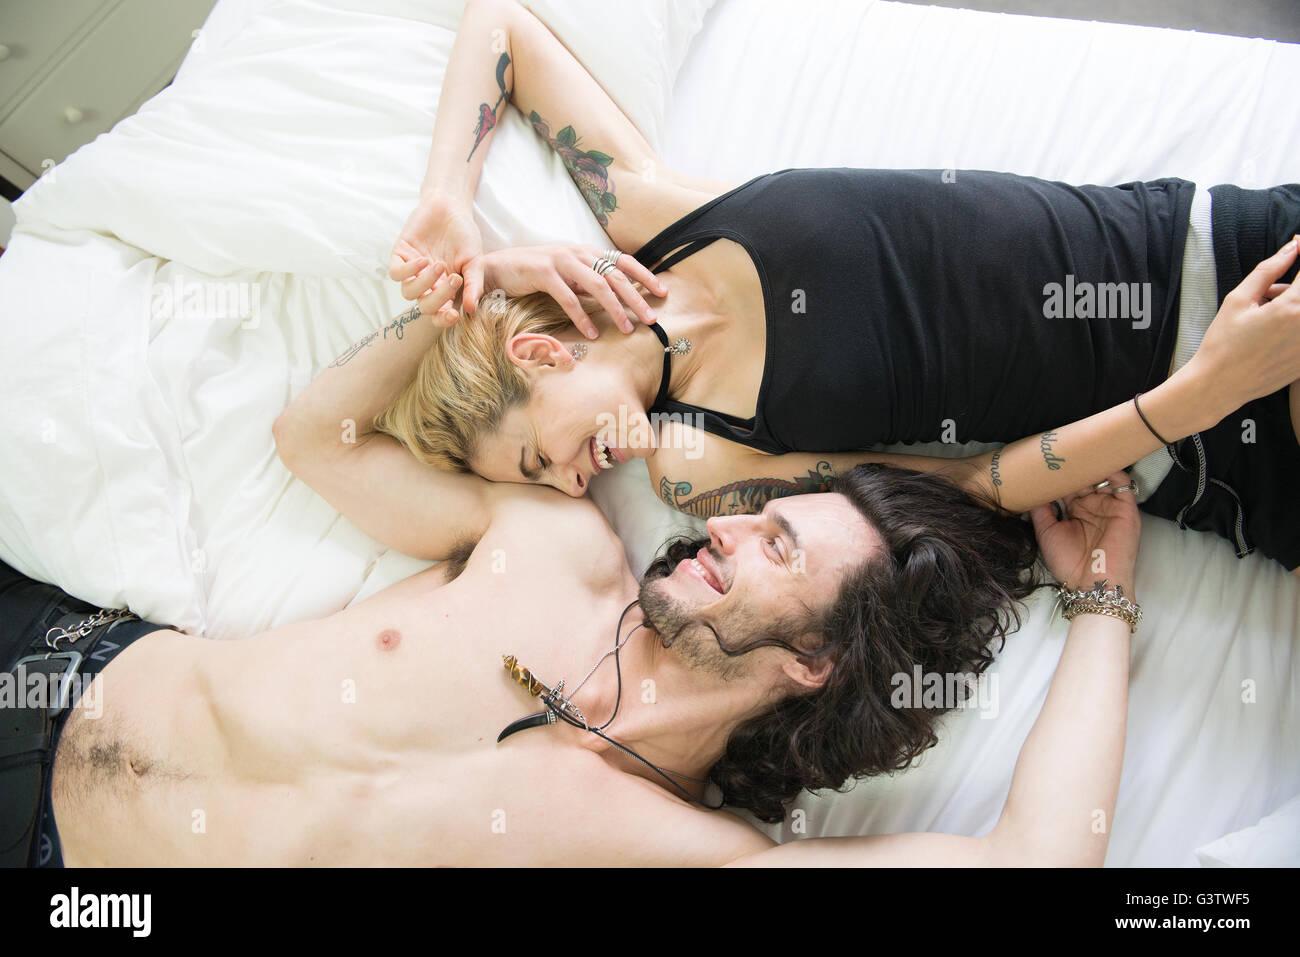 Eine coole junge Tätowierte Paar gemeinsam auf einem Bett liegend. Stockfoto